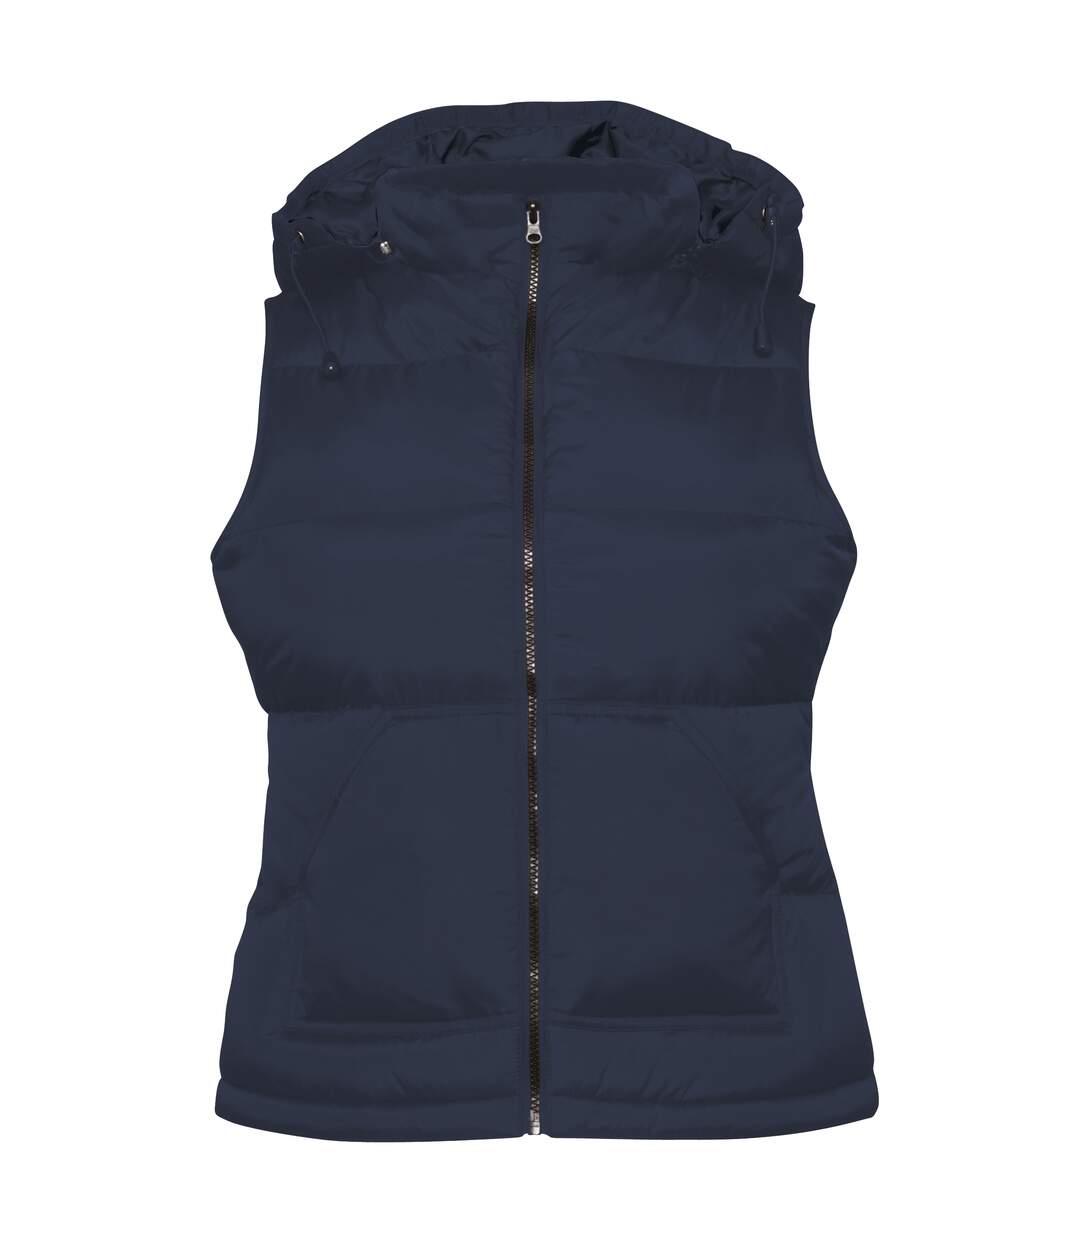 B&C Womens/Ladies Zen+ Hooded Waterproof Bodywarmer/Gilet (Navy) - UTRW3039